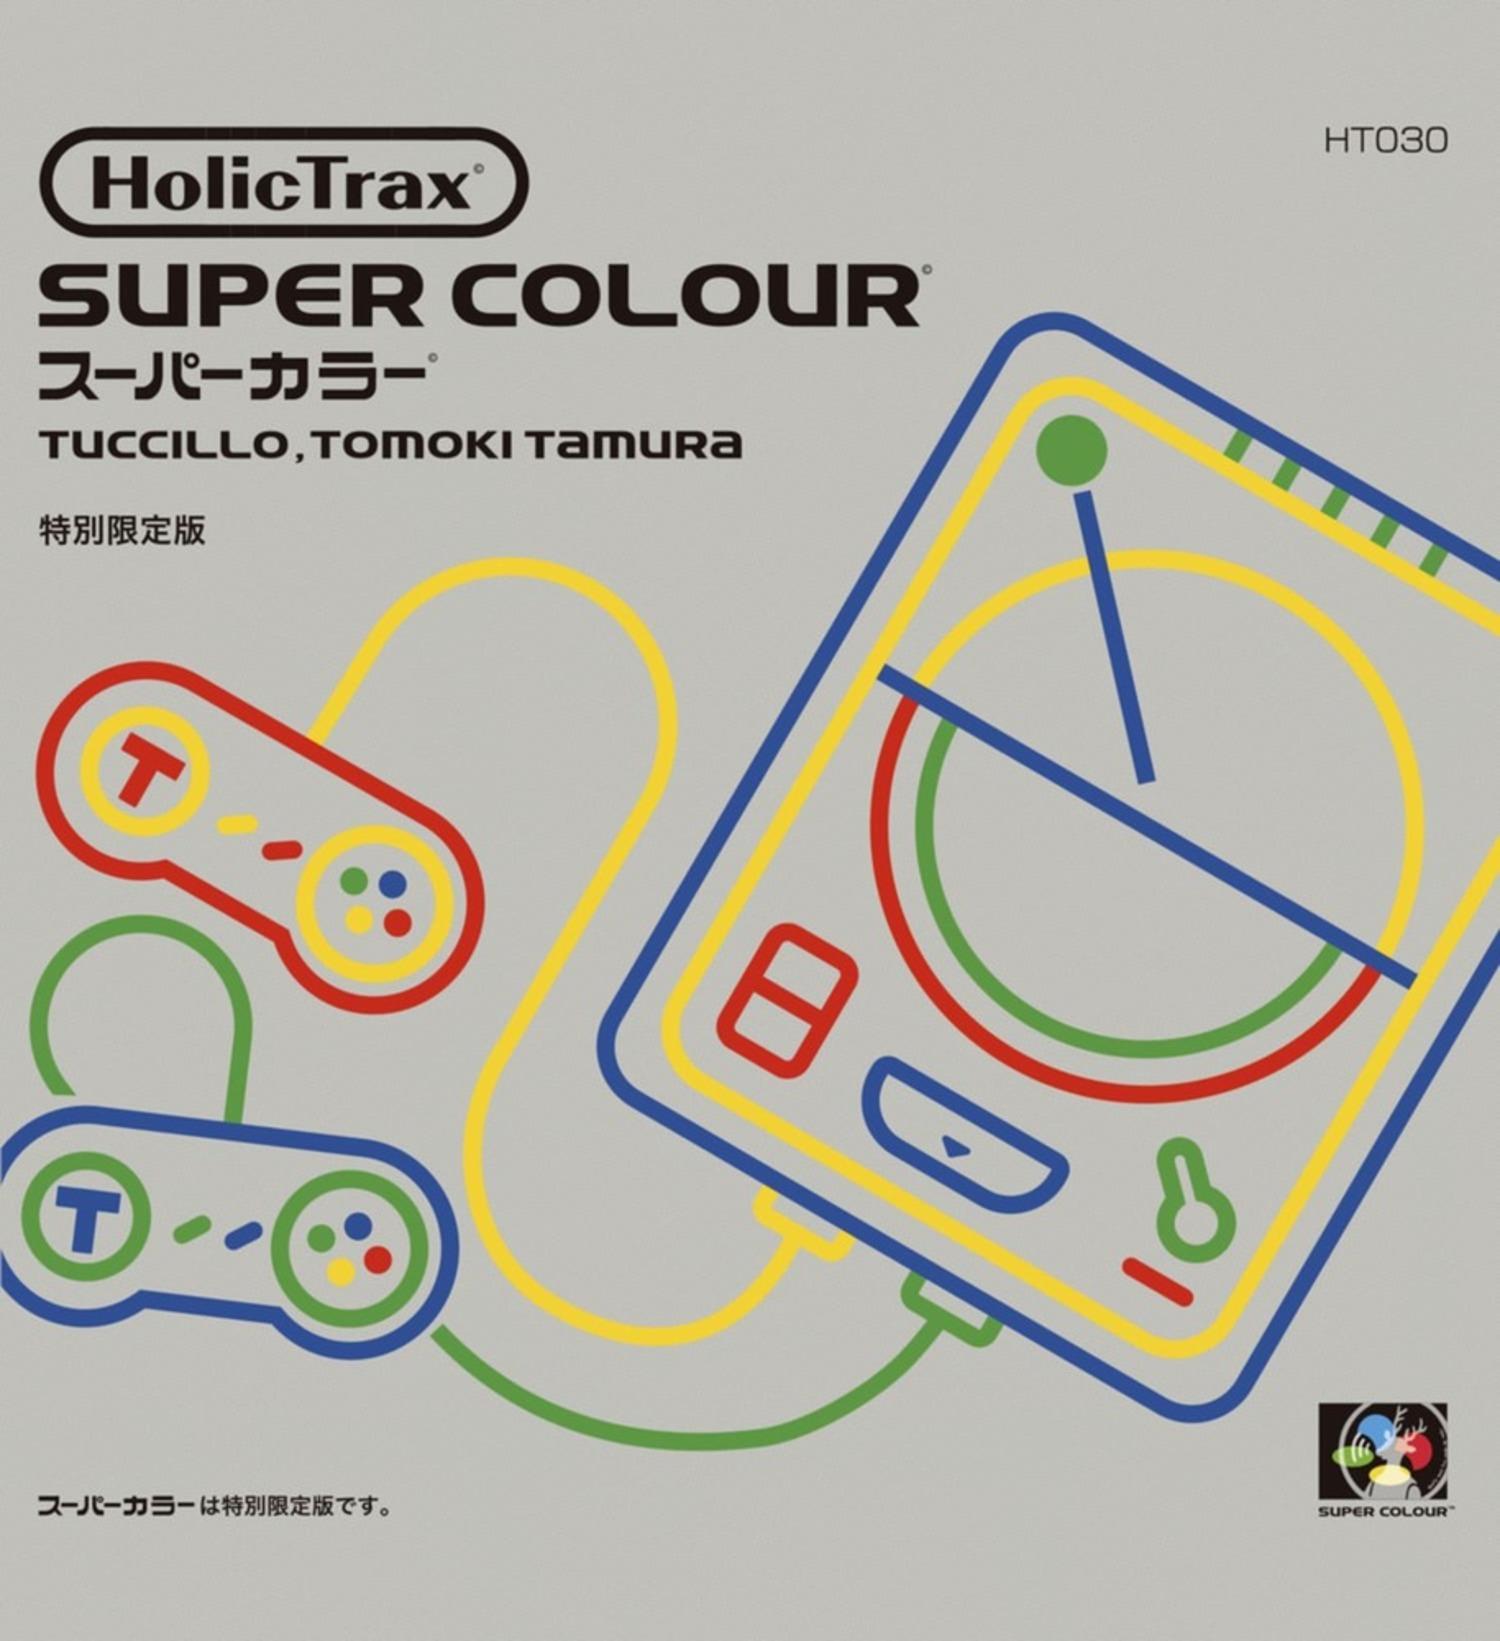 Tuccillo & Tomoki Tamura - SUPER COLOUR EP